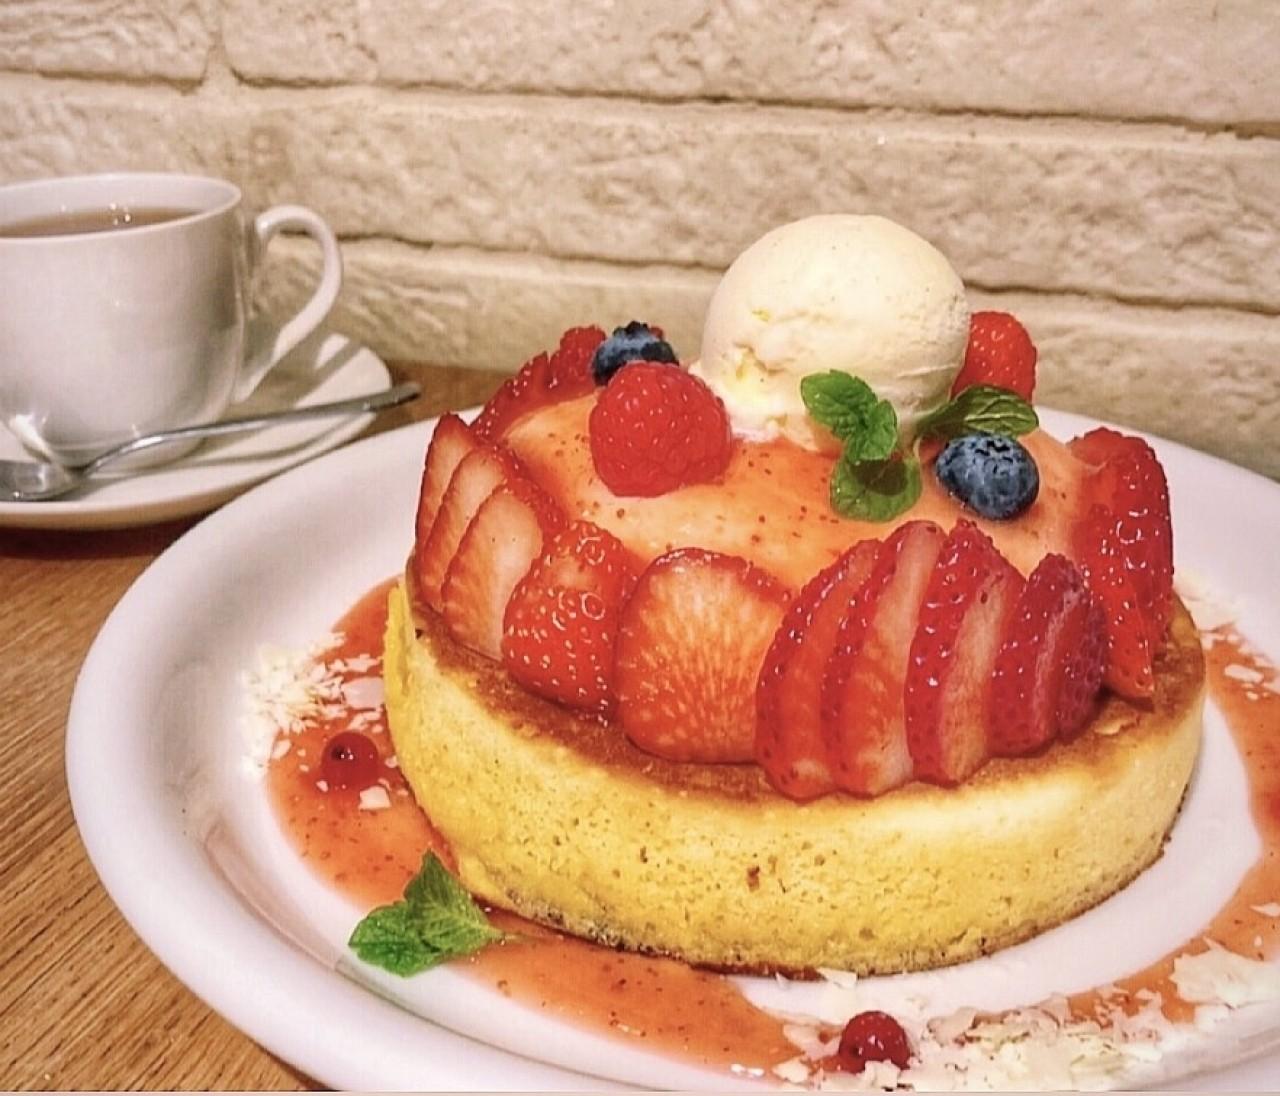 苺づくしパンケーキ♡隠れ家恵比寿カフェごはん